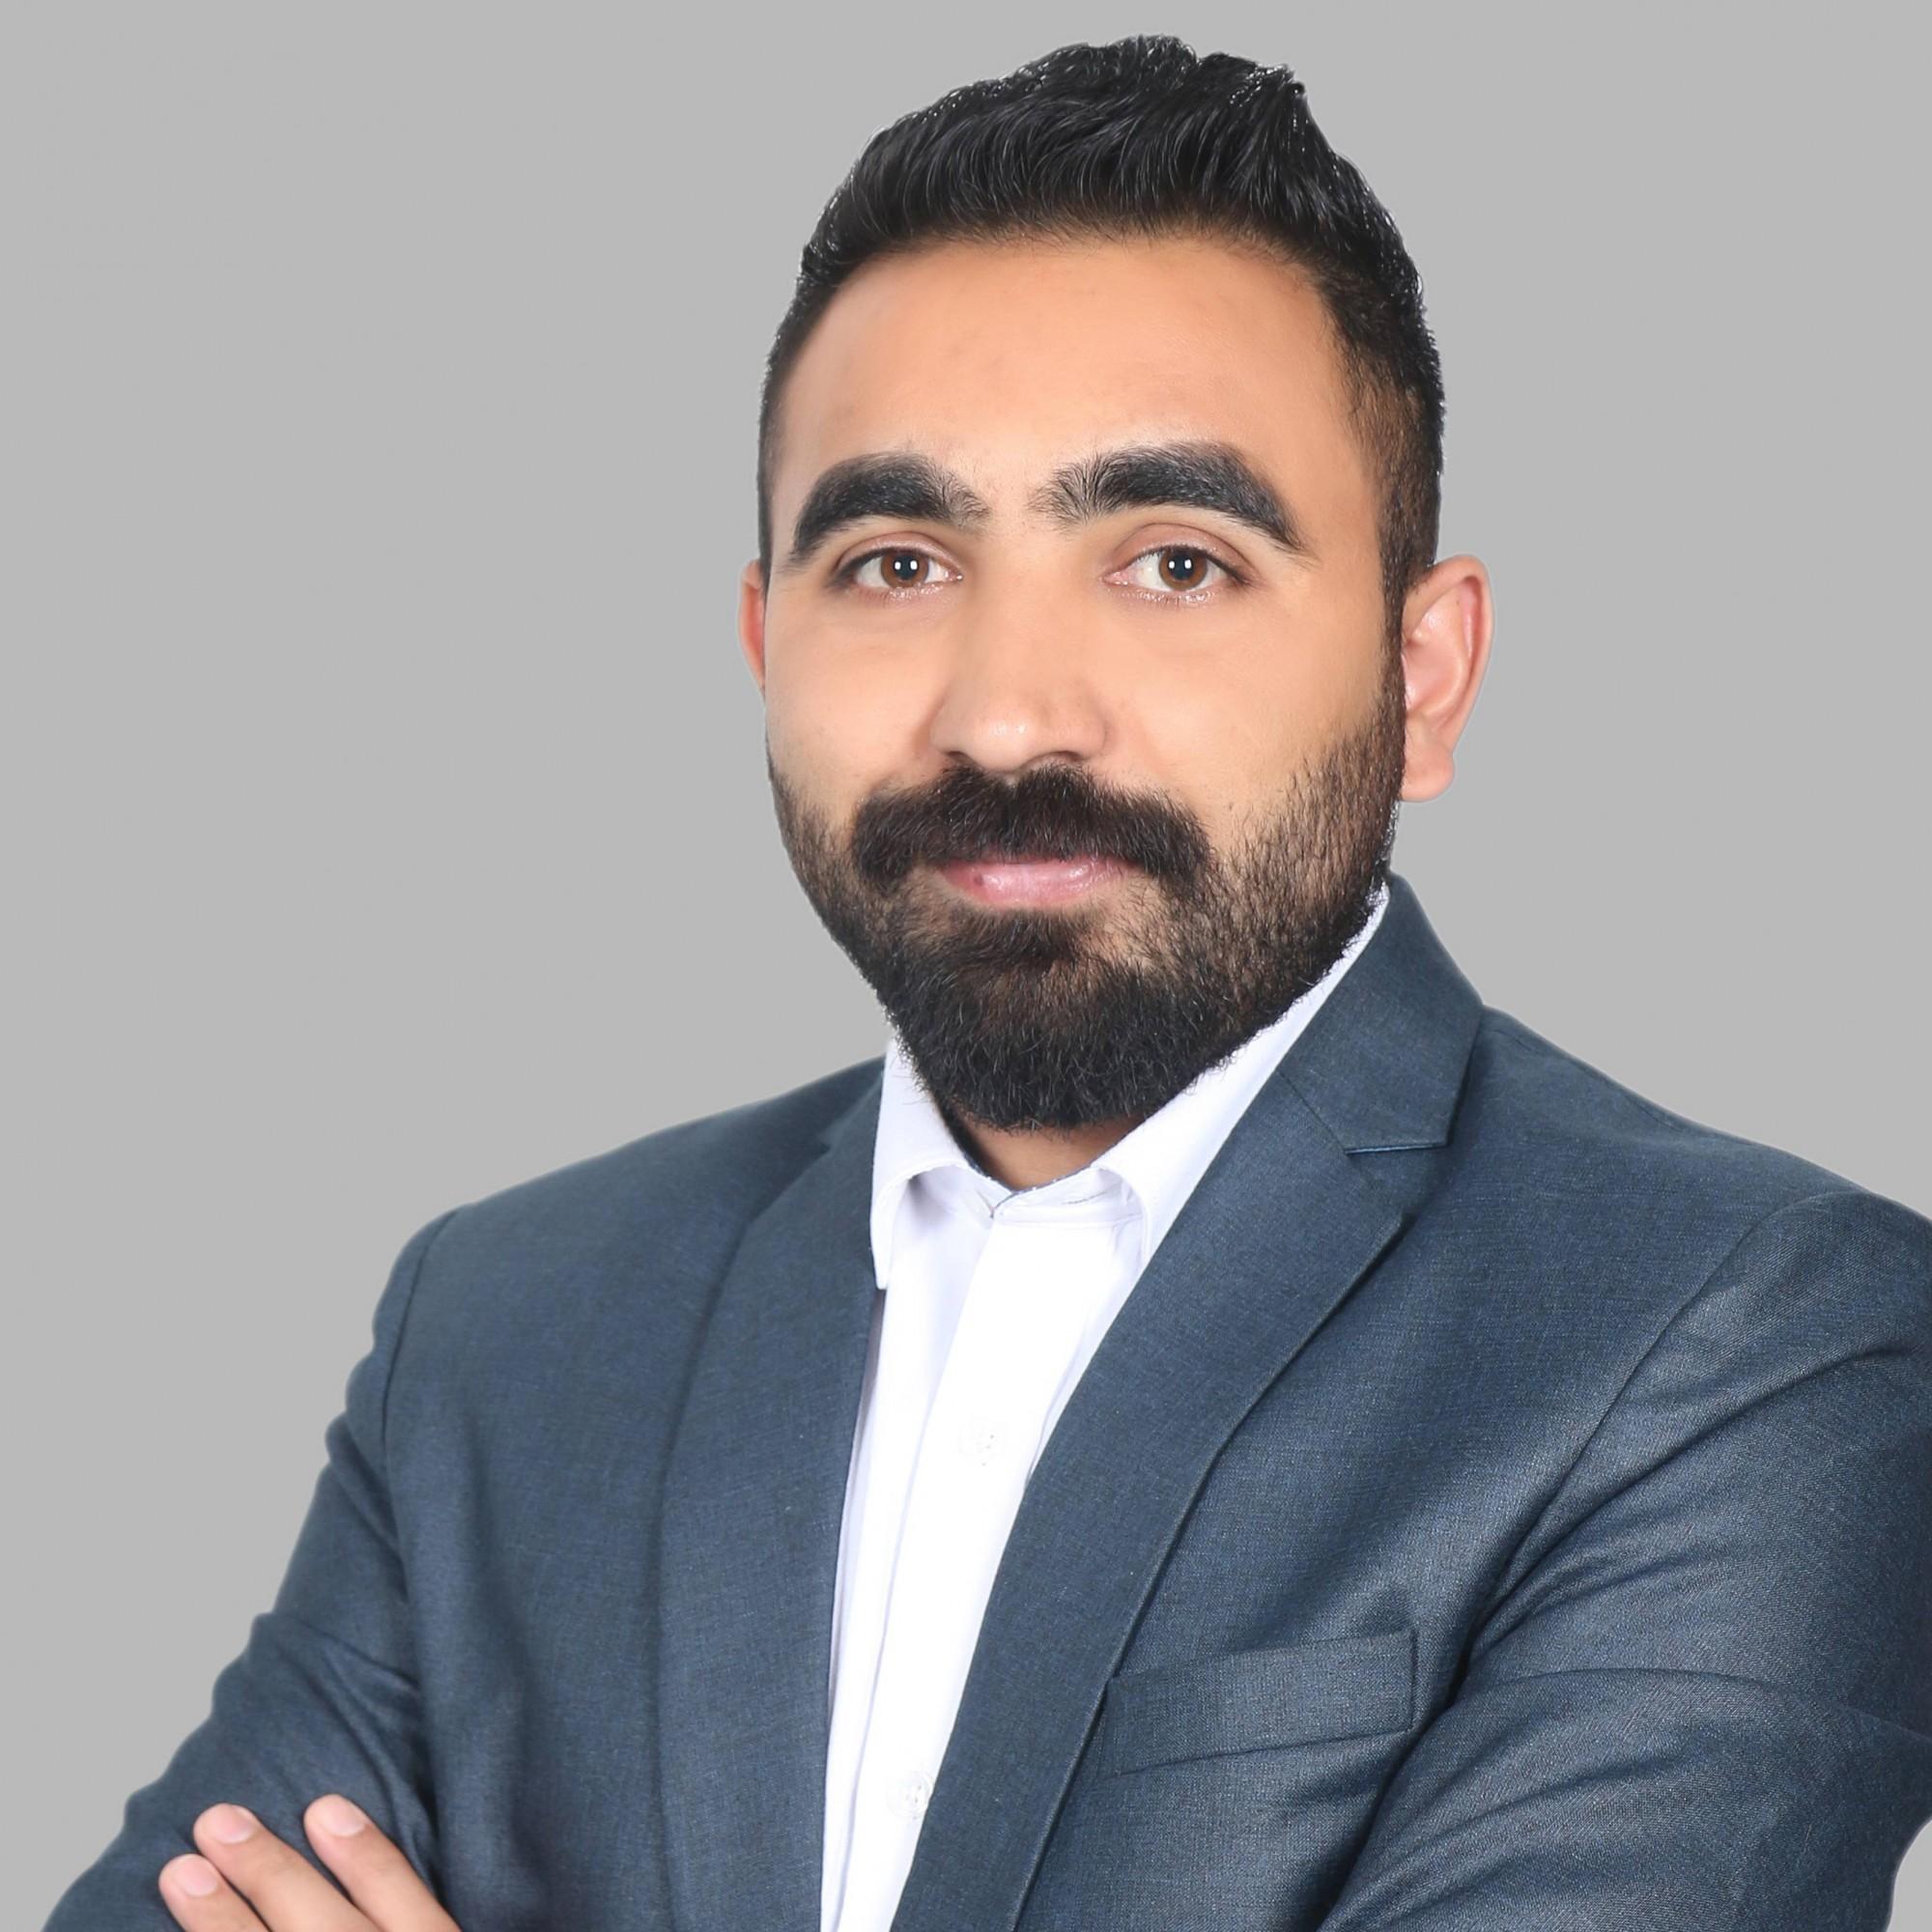 Ikram Ullah Farooqi